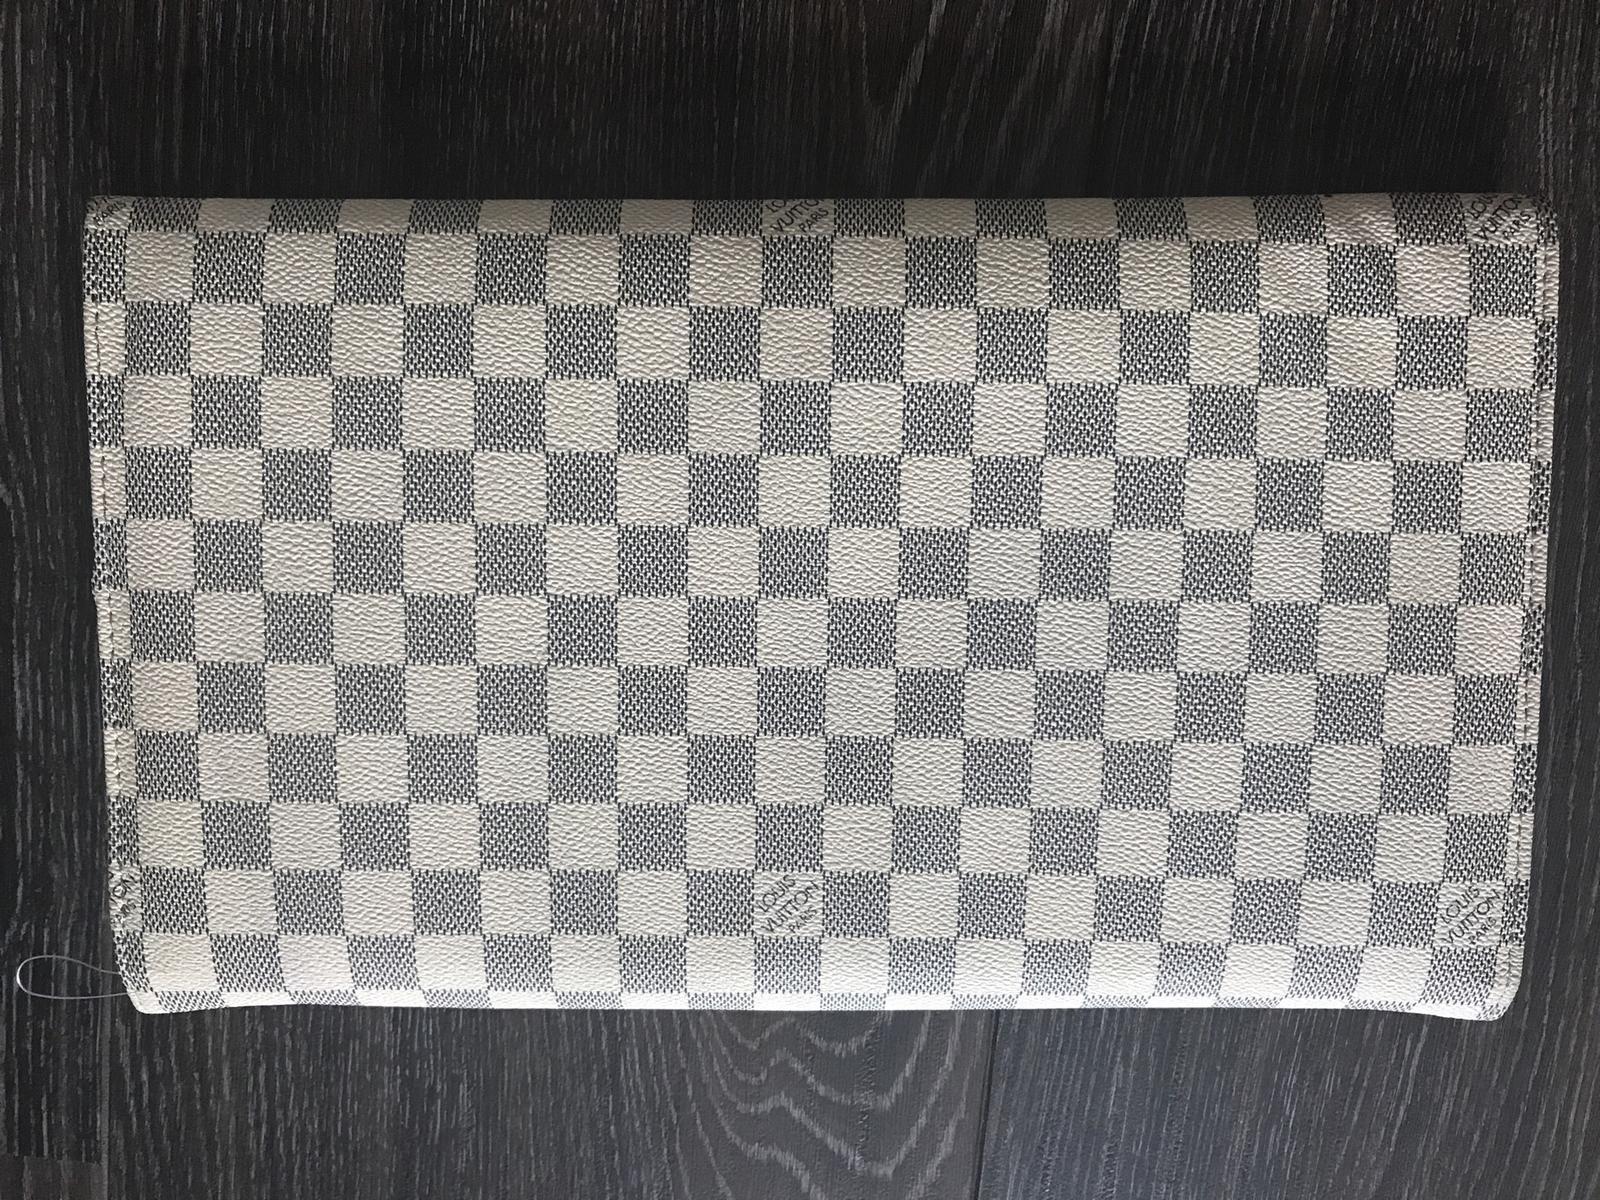 Listová kabelka - Obrázok č. 4